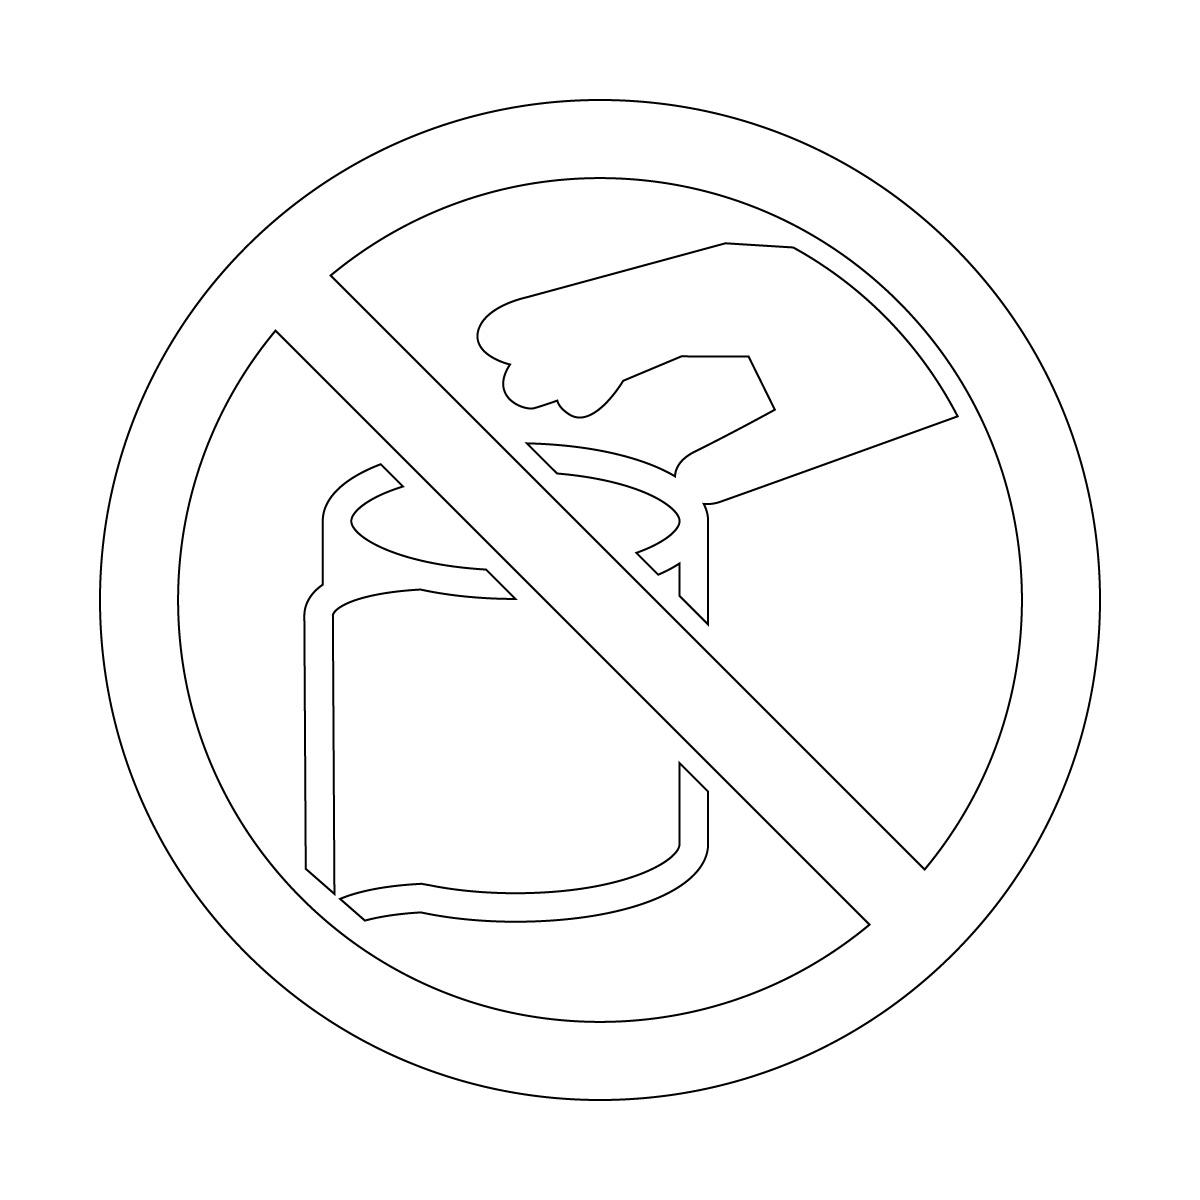 白色のトイレットペーパーの持ち帰りを注意・禁止するマークのカッティングステッカーシール